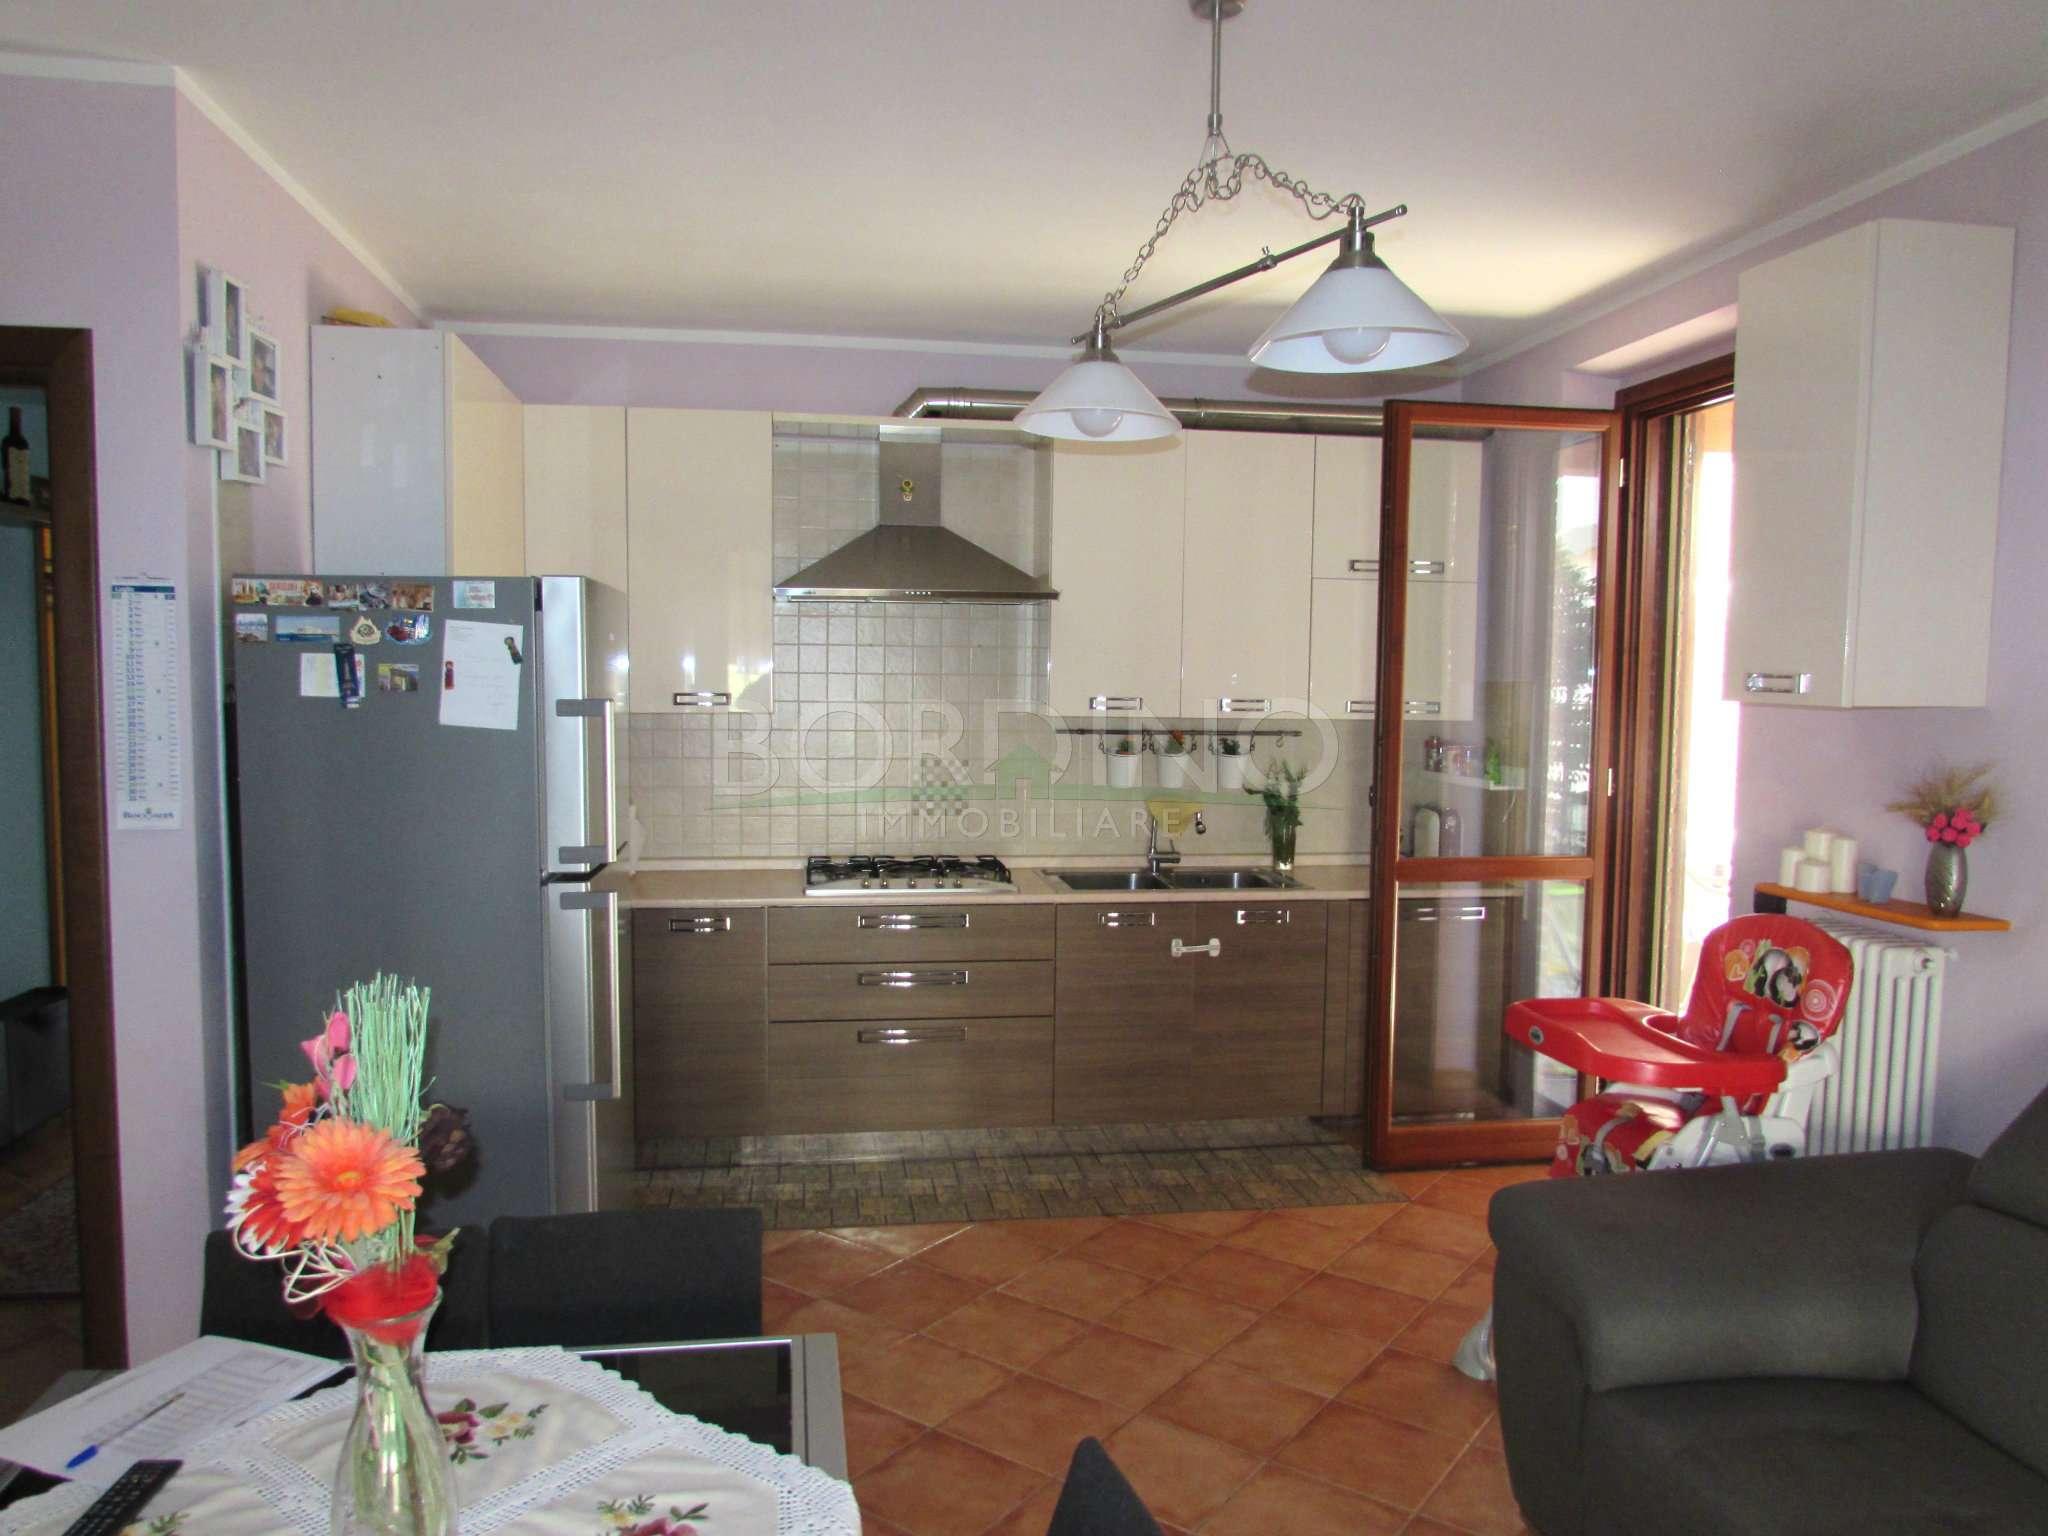 Appartamento in vendita a Magliano Alfieri, 3 locali, prezzo € 148.000 | CambioCasa.it